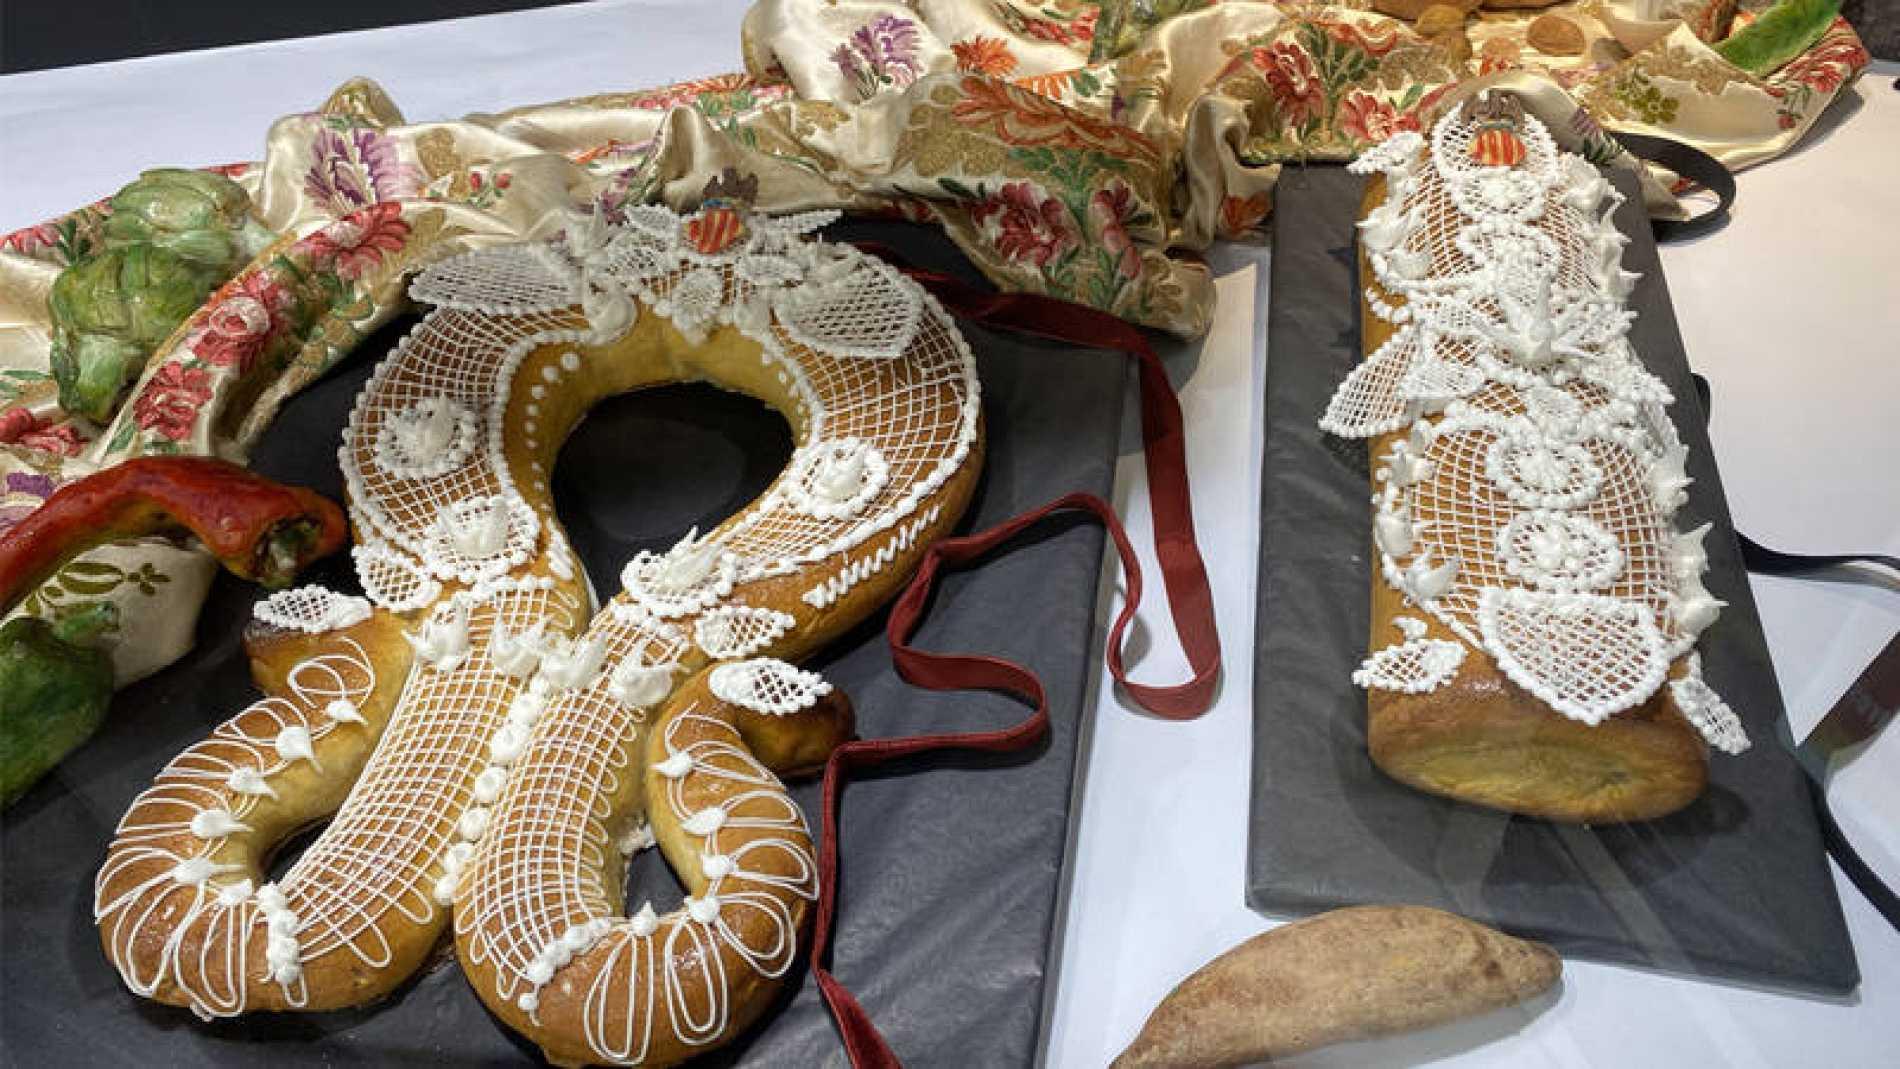 Mazapanes con forma de frutas y petardos que se regalan entre enamorados en Valencia el 9 de octubre